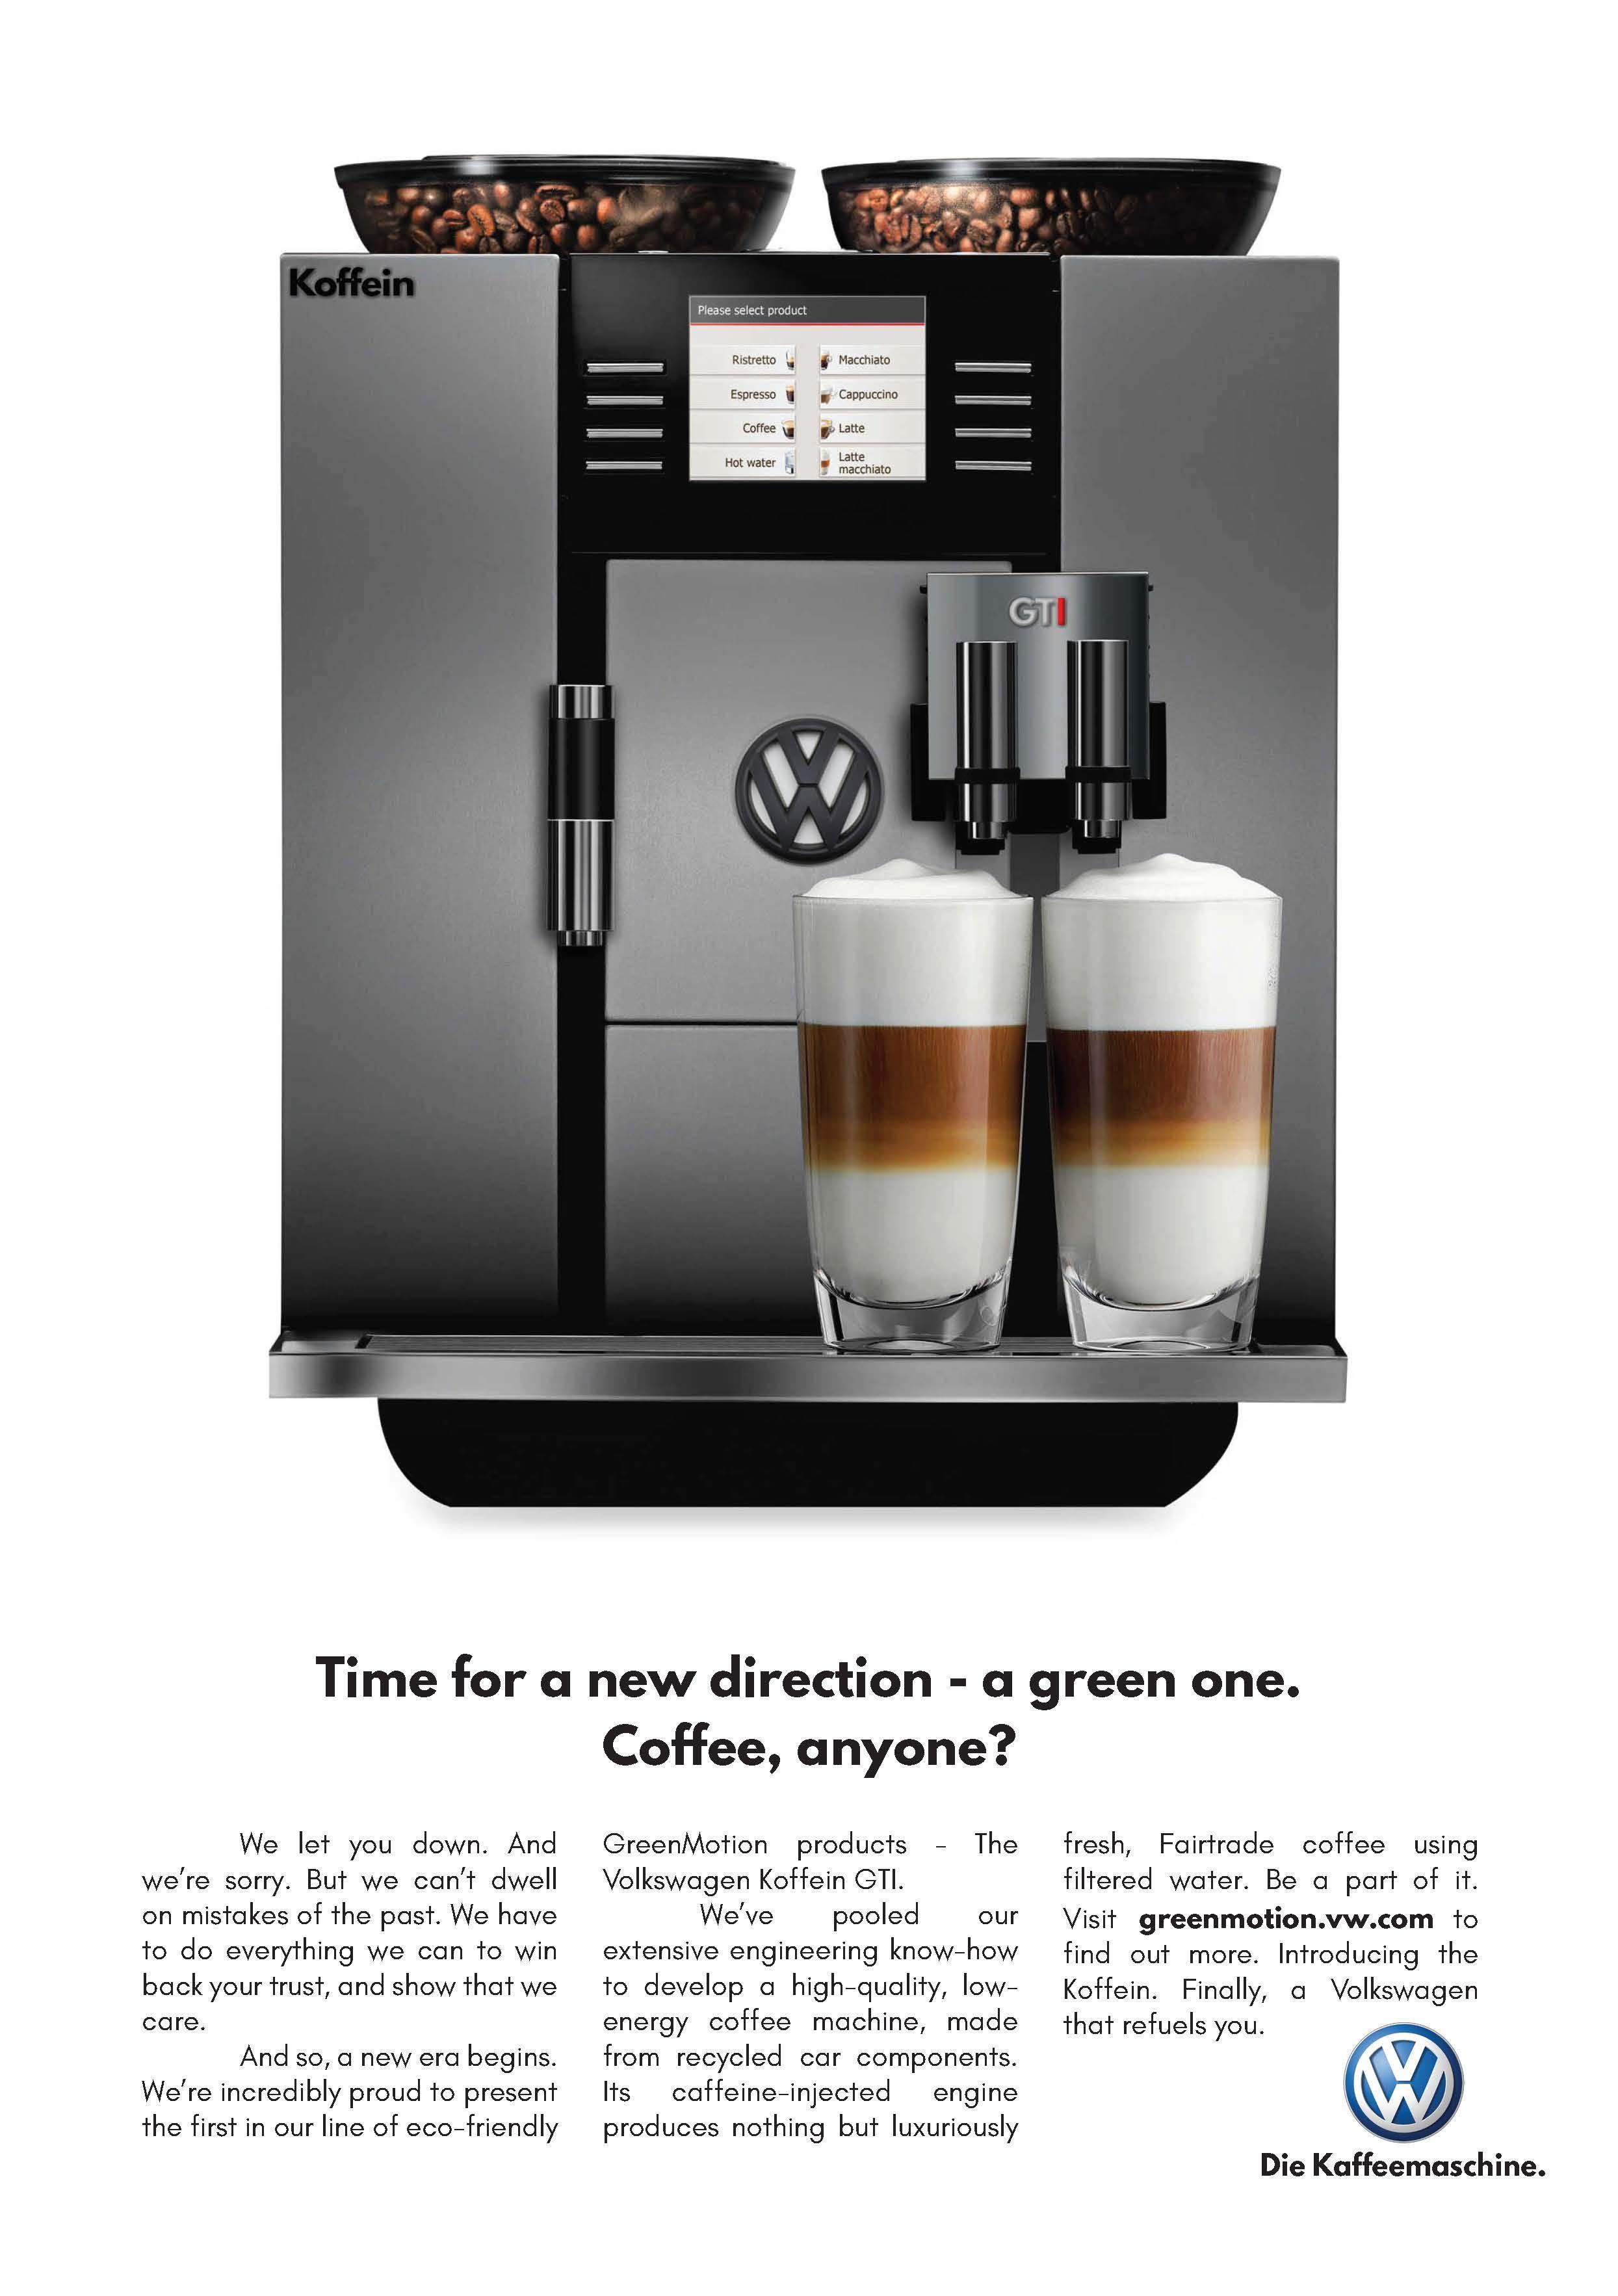 the koffein